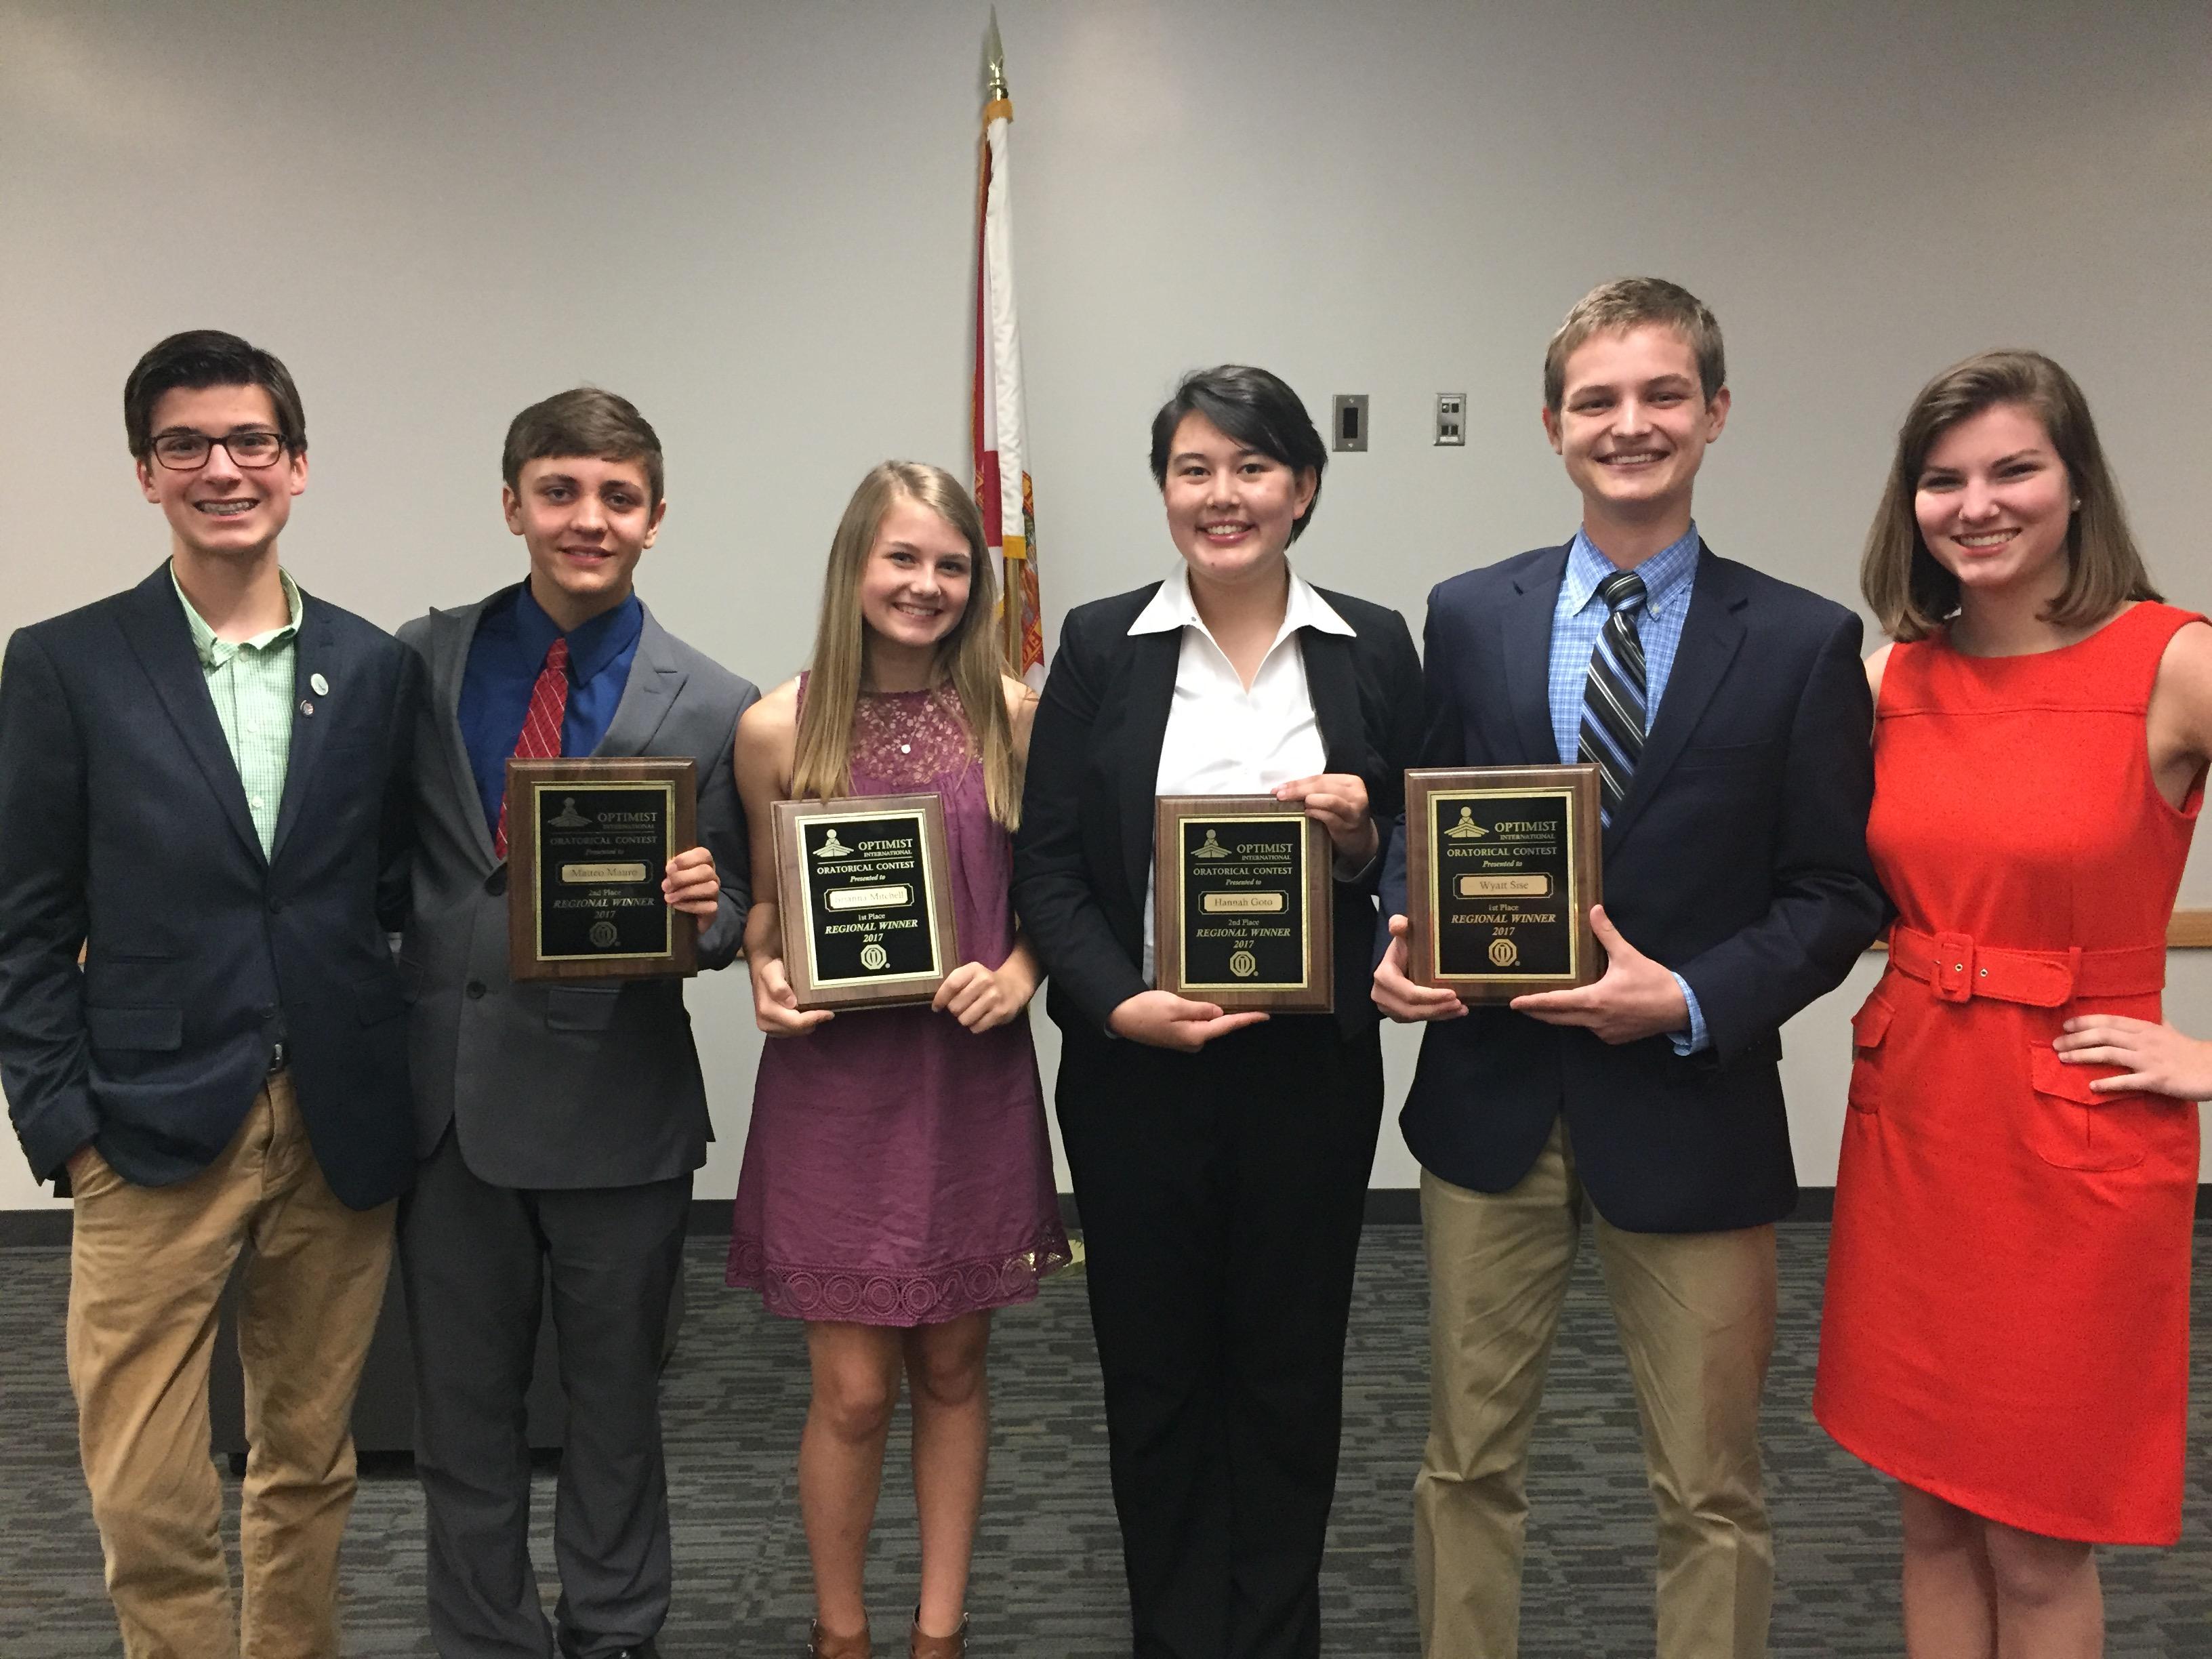 2017 Regional Winners